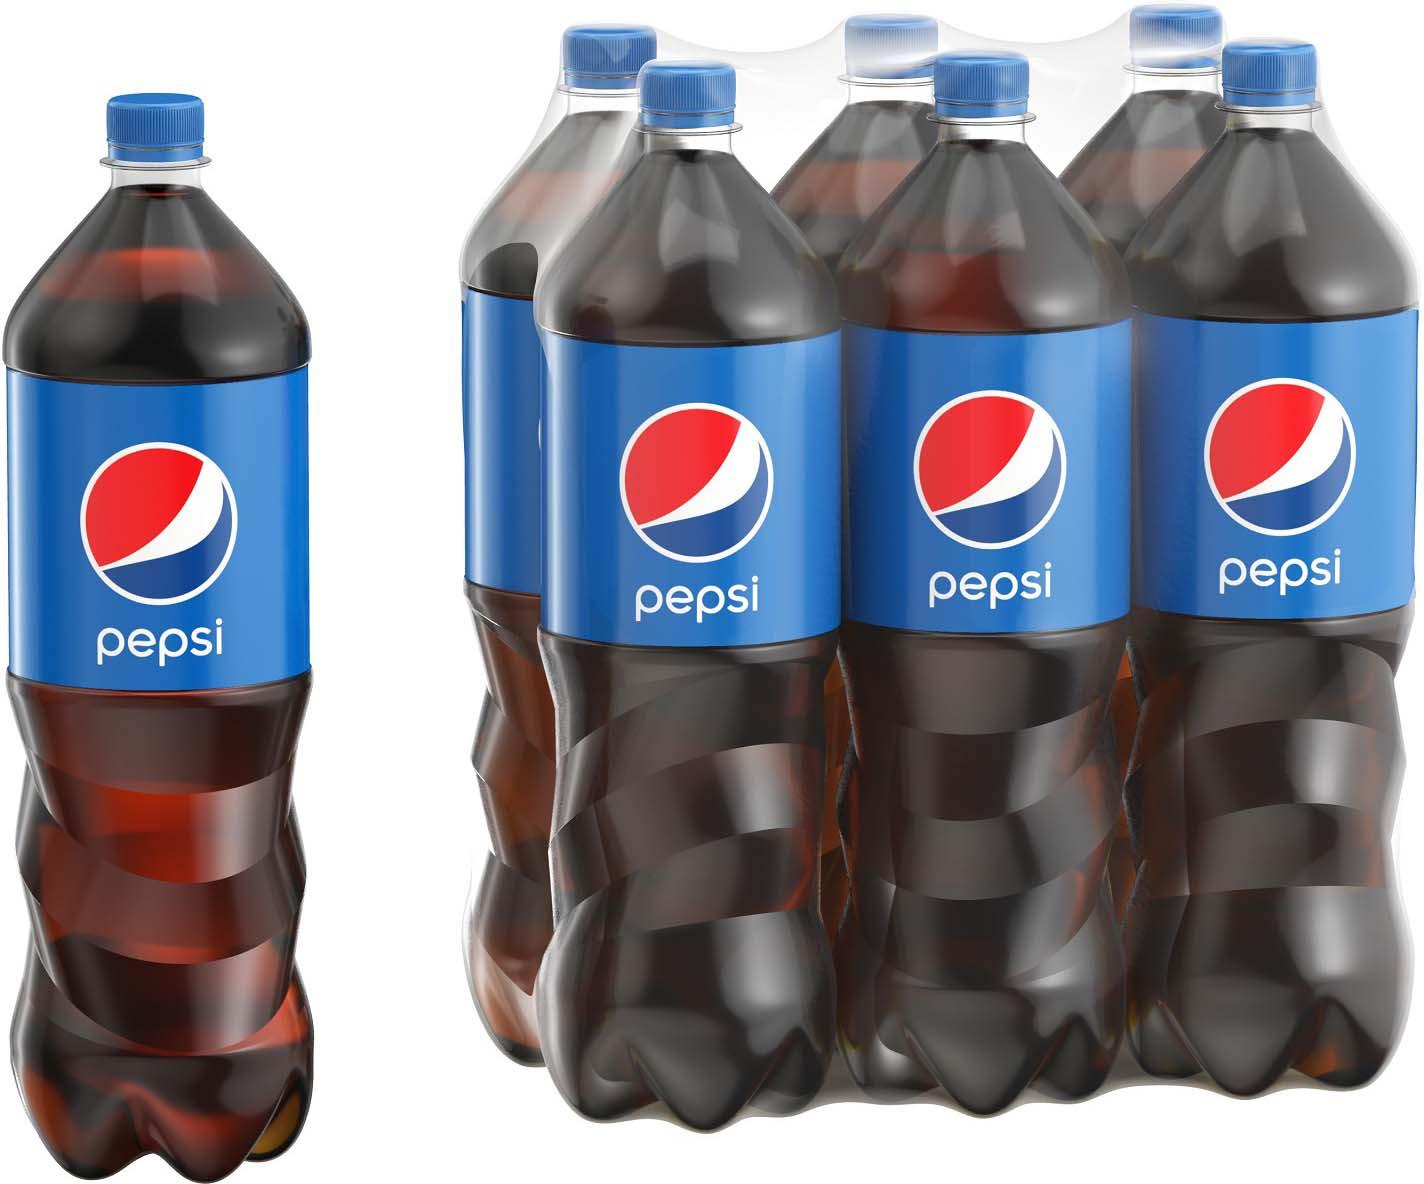 пепси фото картинки сувениры обычно вручают